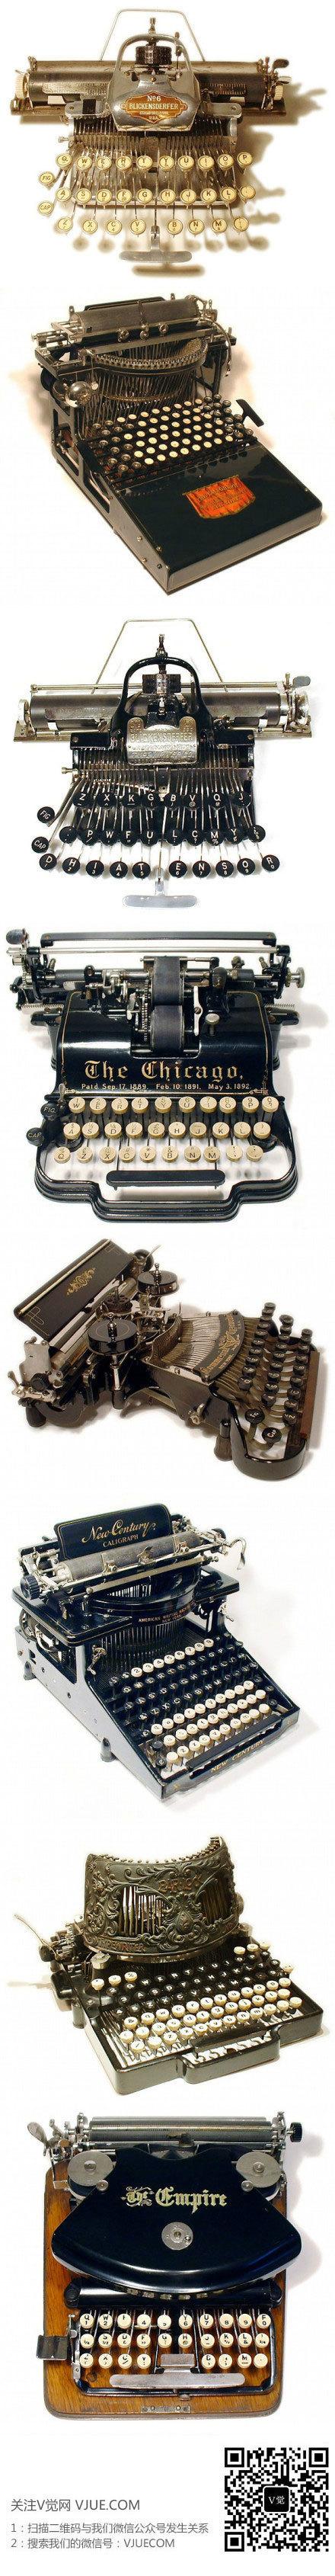 极致古董打字机。马丁·霍华德收藏了许多罕见的,具有重要历史意义的打字机。